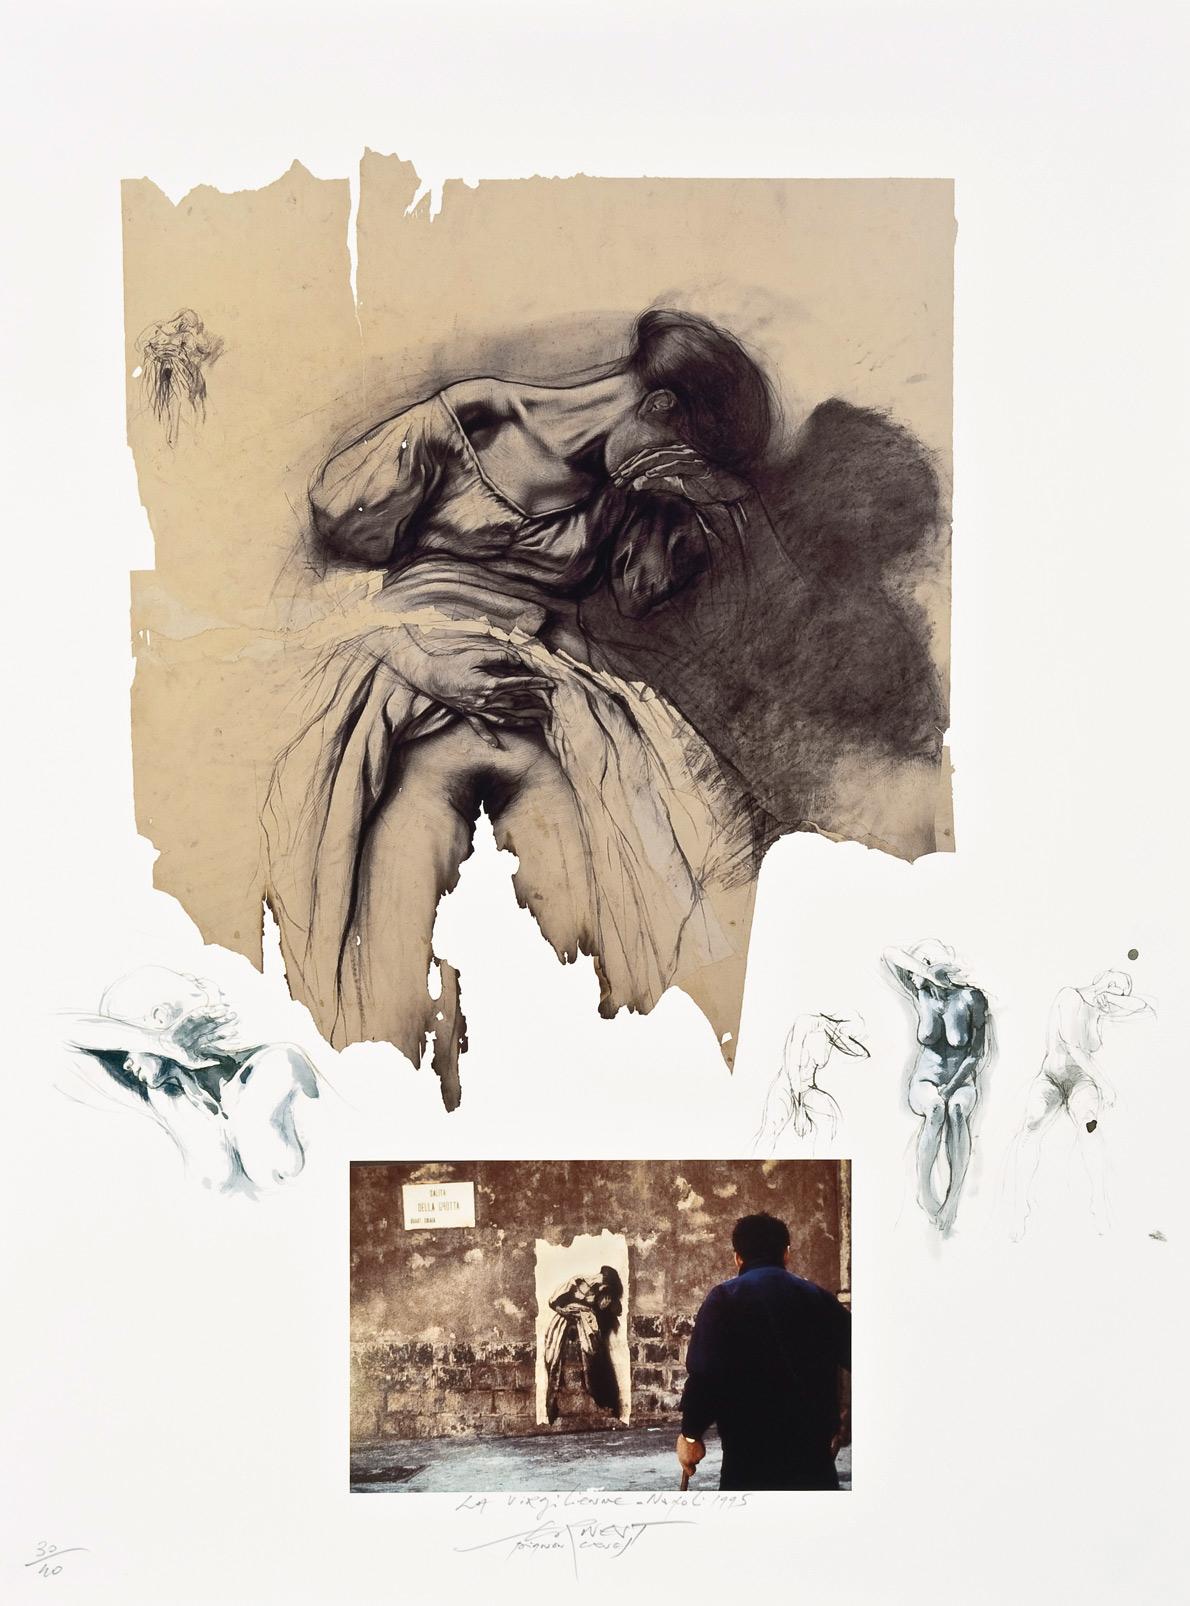 Virgilienne (Naples 1995), estampe numérique pigmentaire, tirage 40 exemplaires (80 x 60 cm)